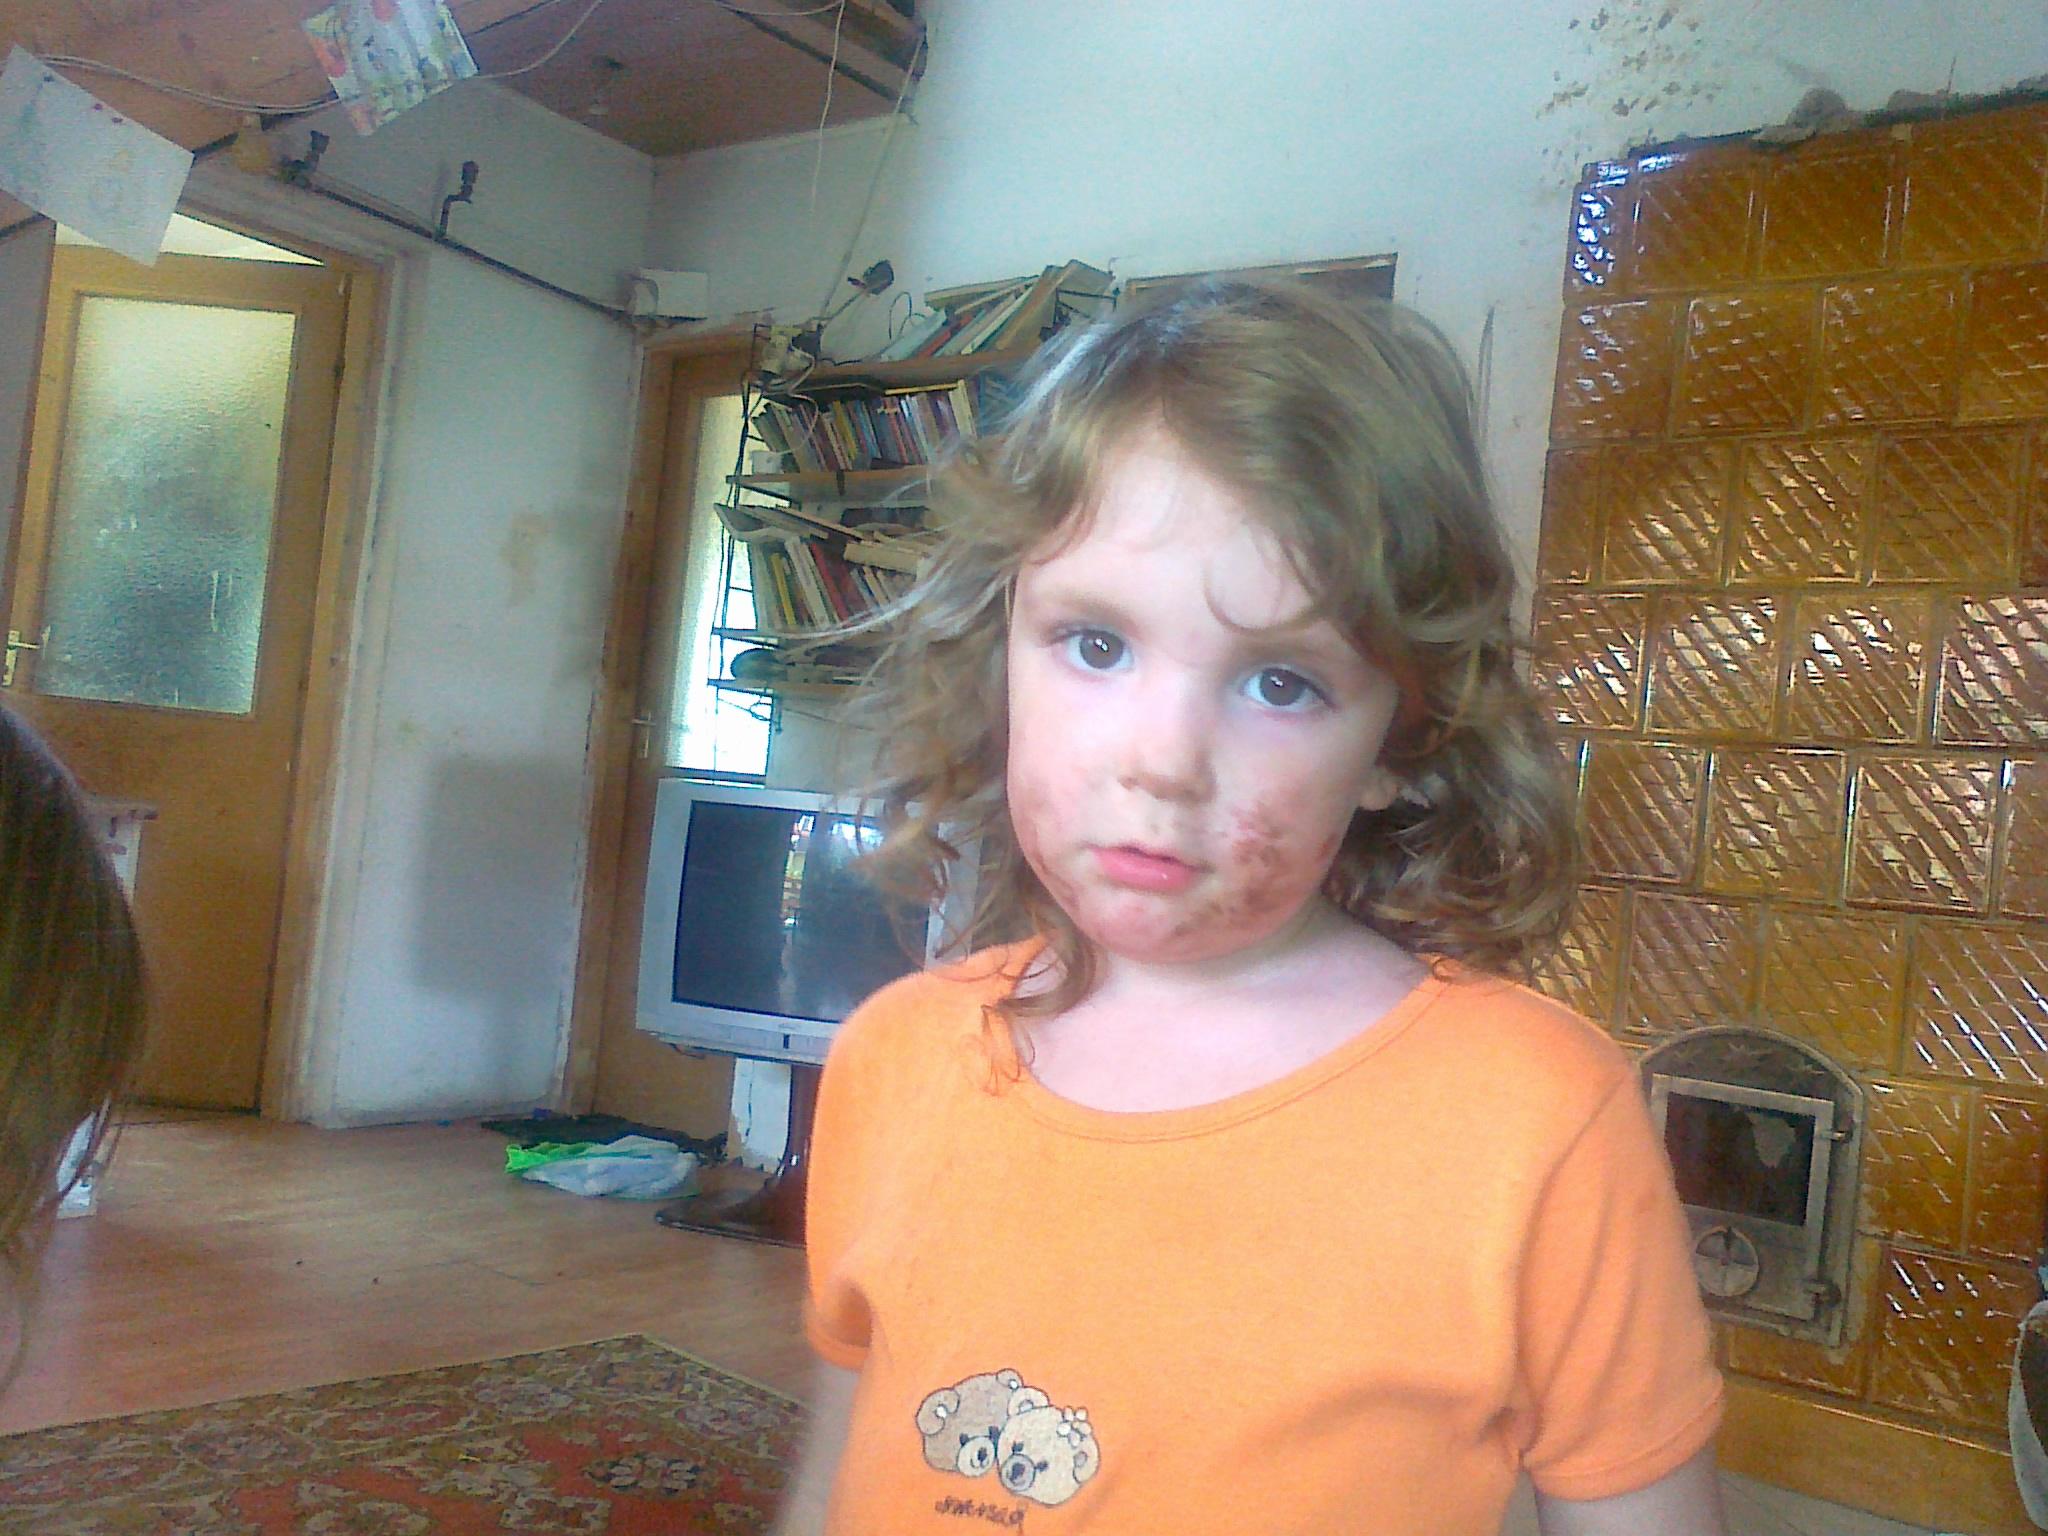 Szilvike lányunk maszatos arccal